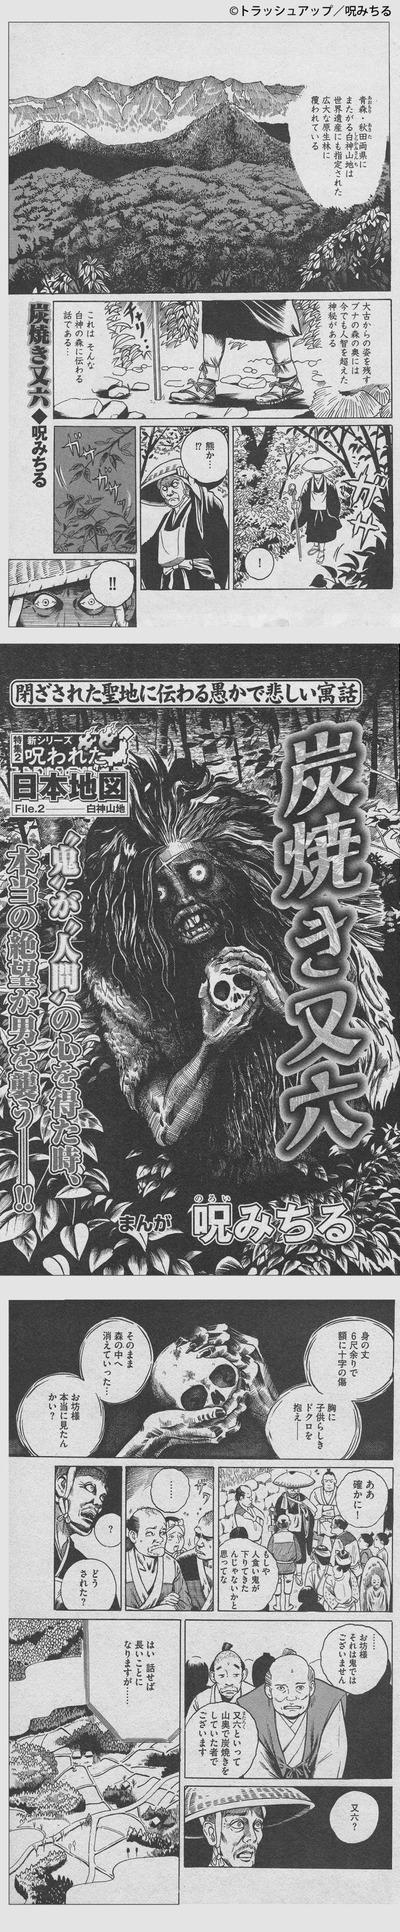 sumiyaki-mataroku01